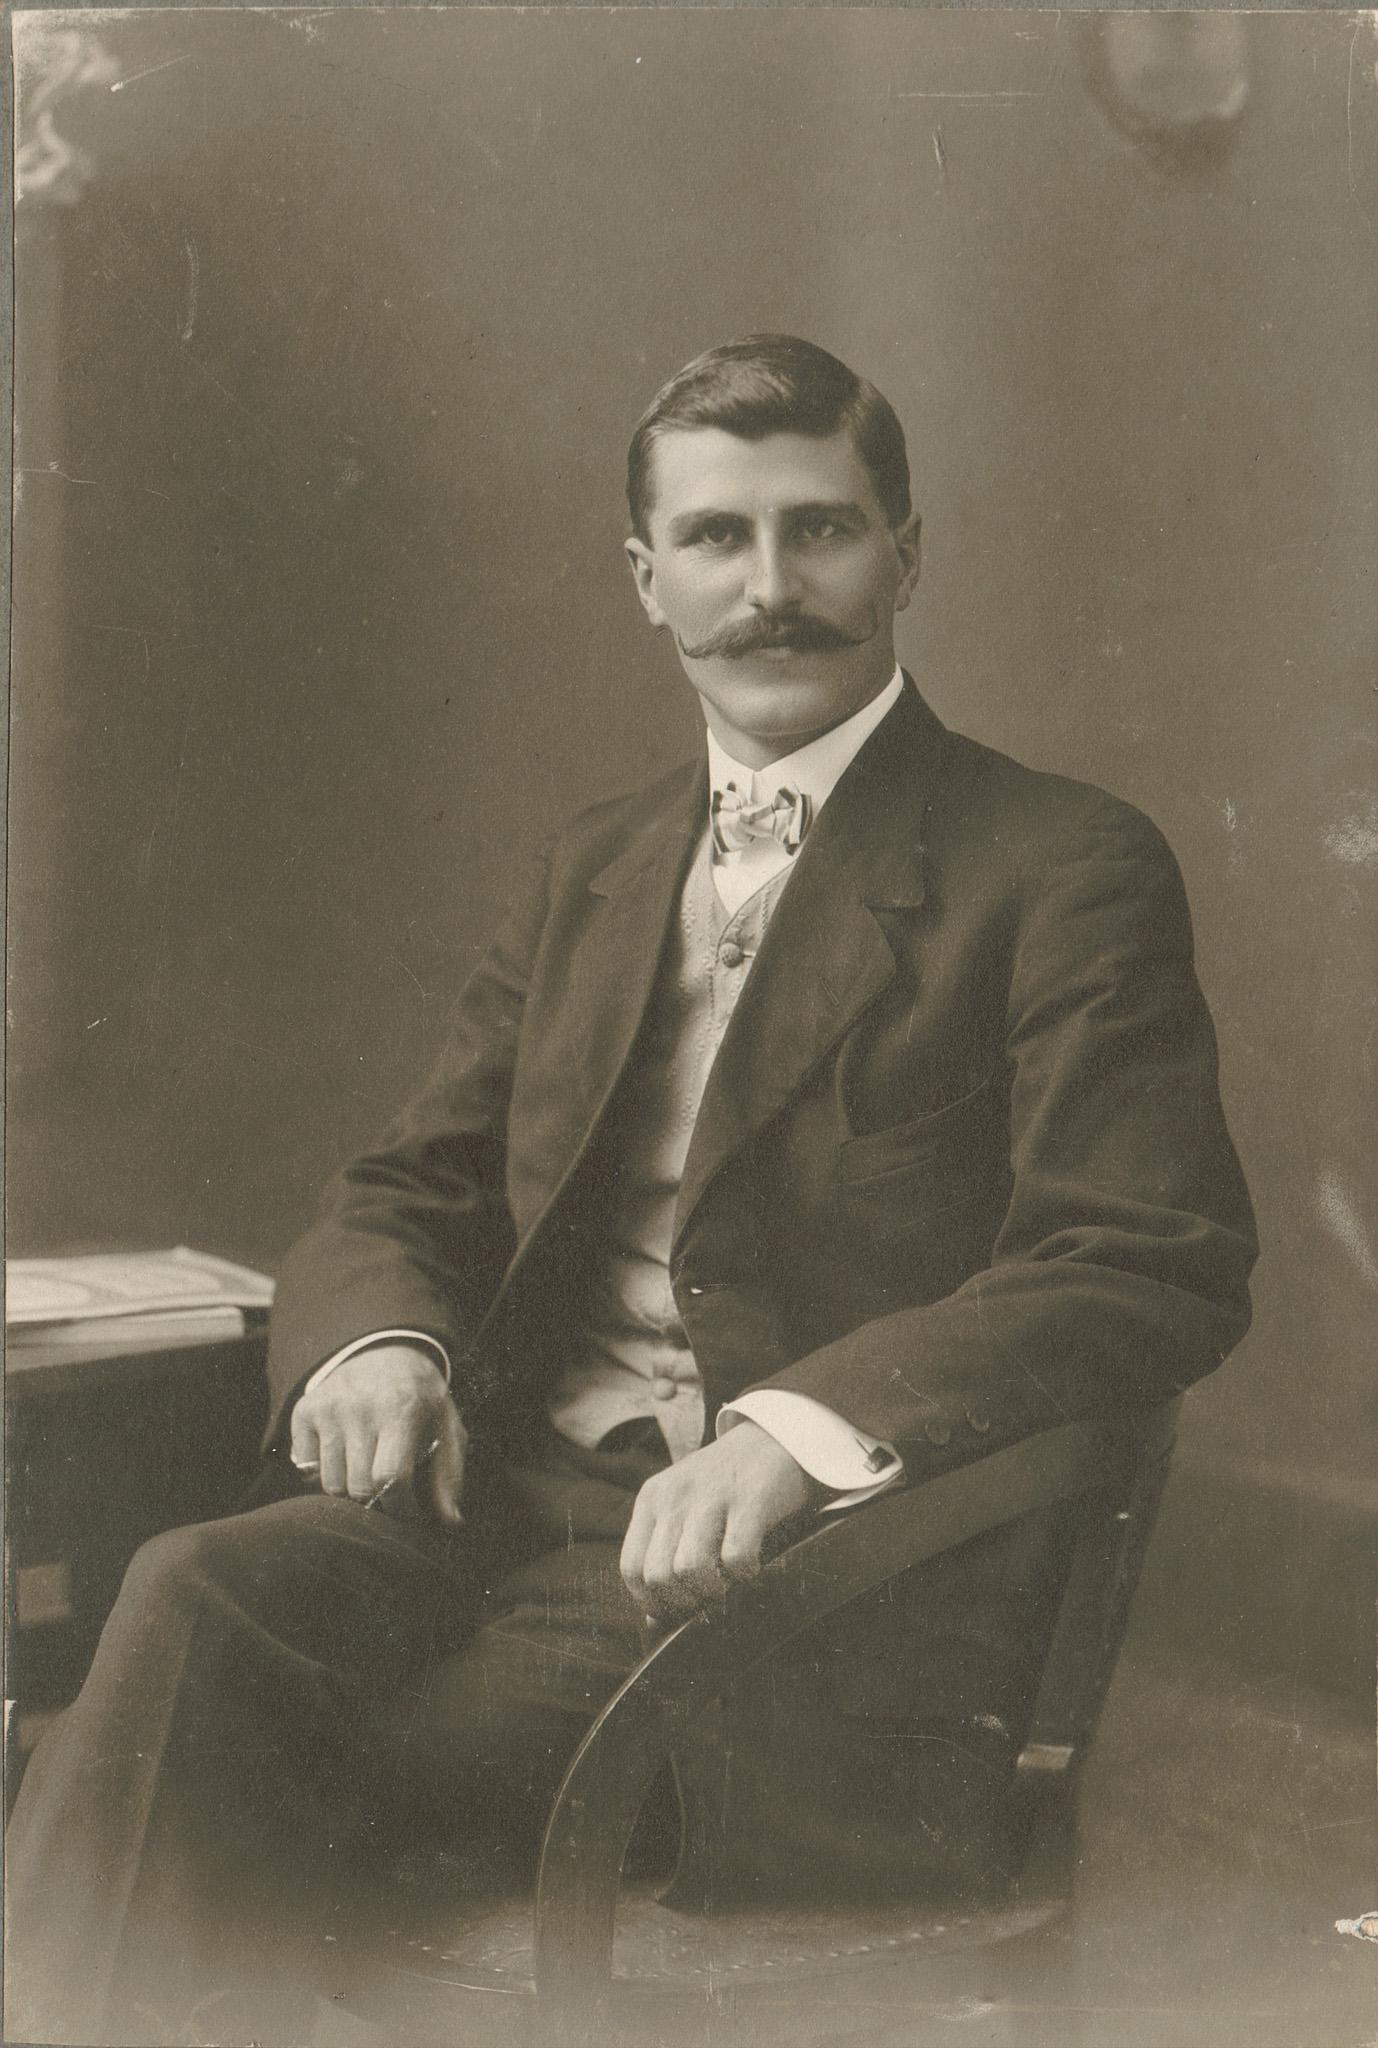 Ernest James Nicklos